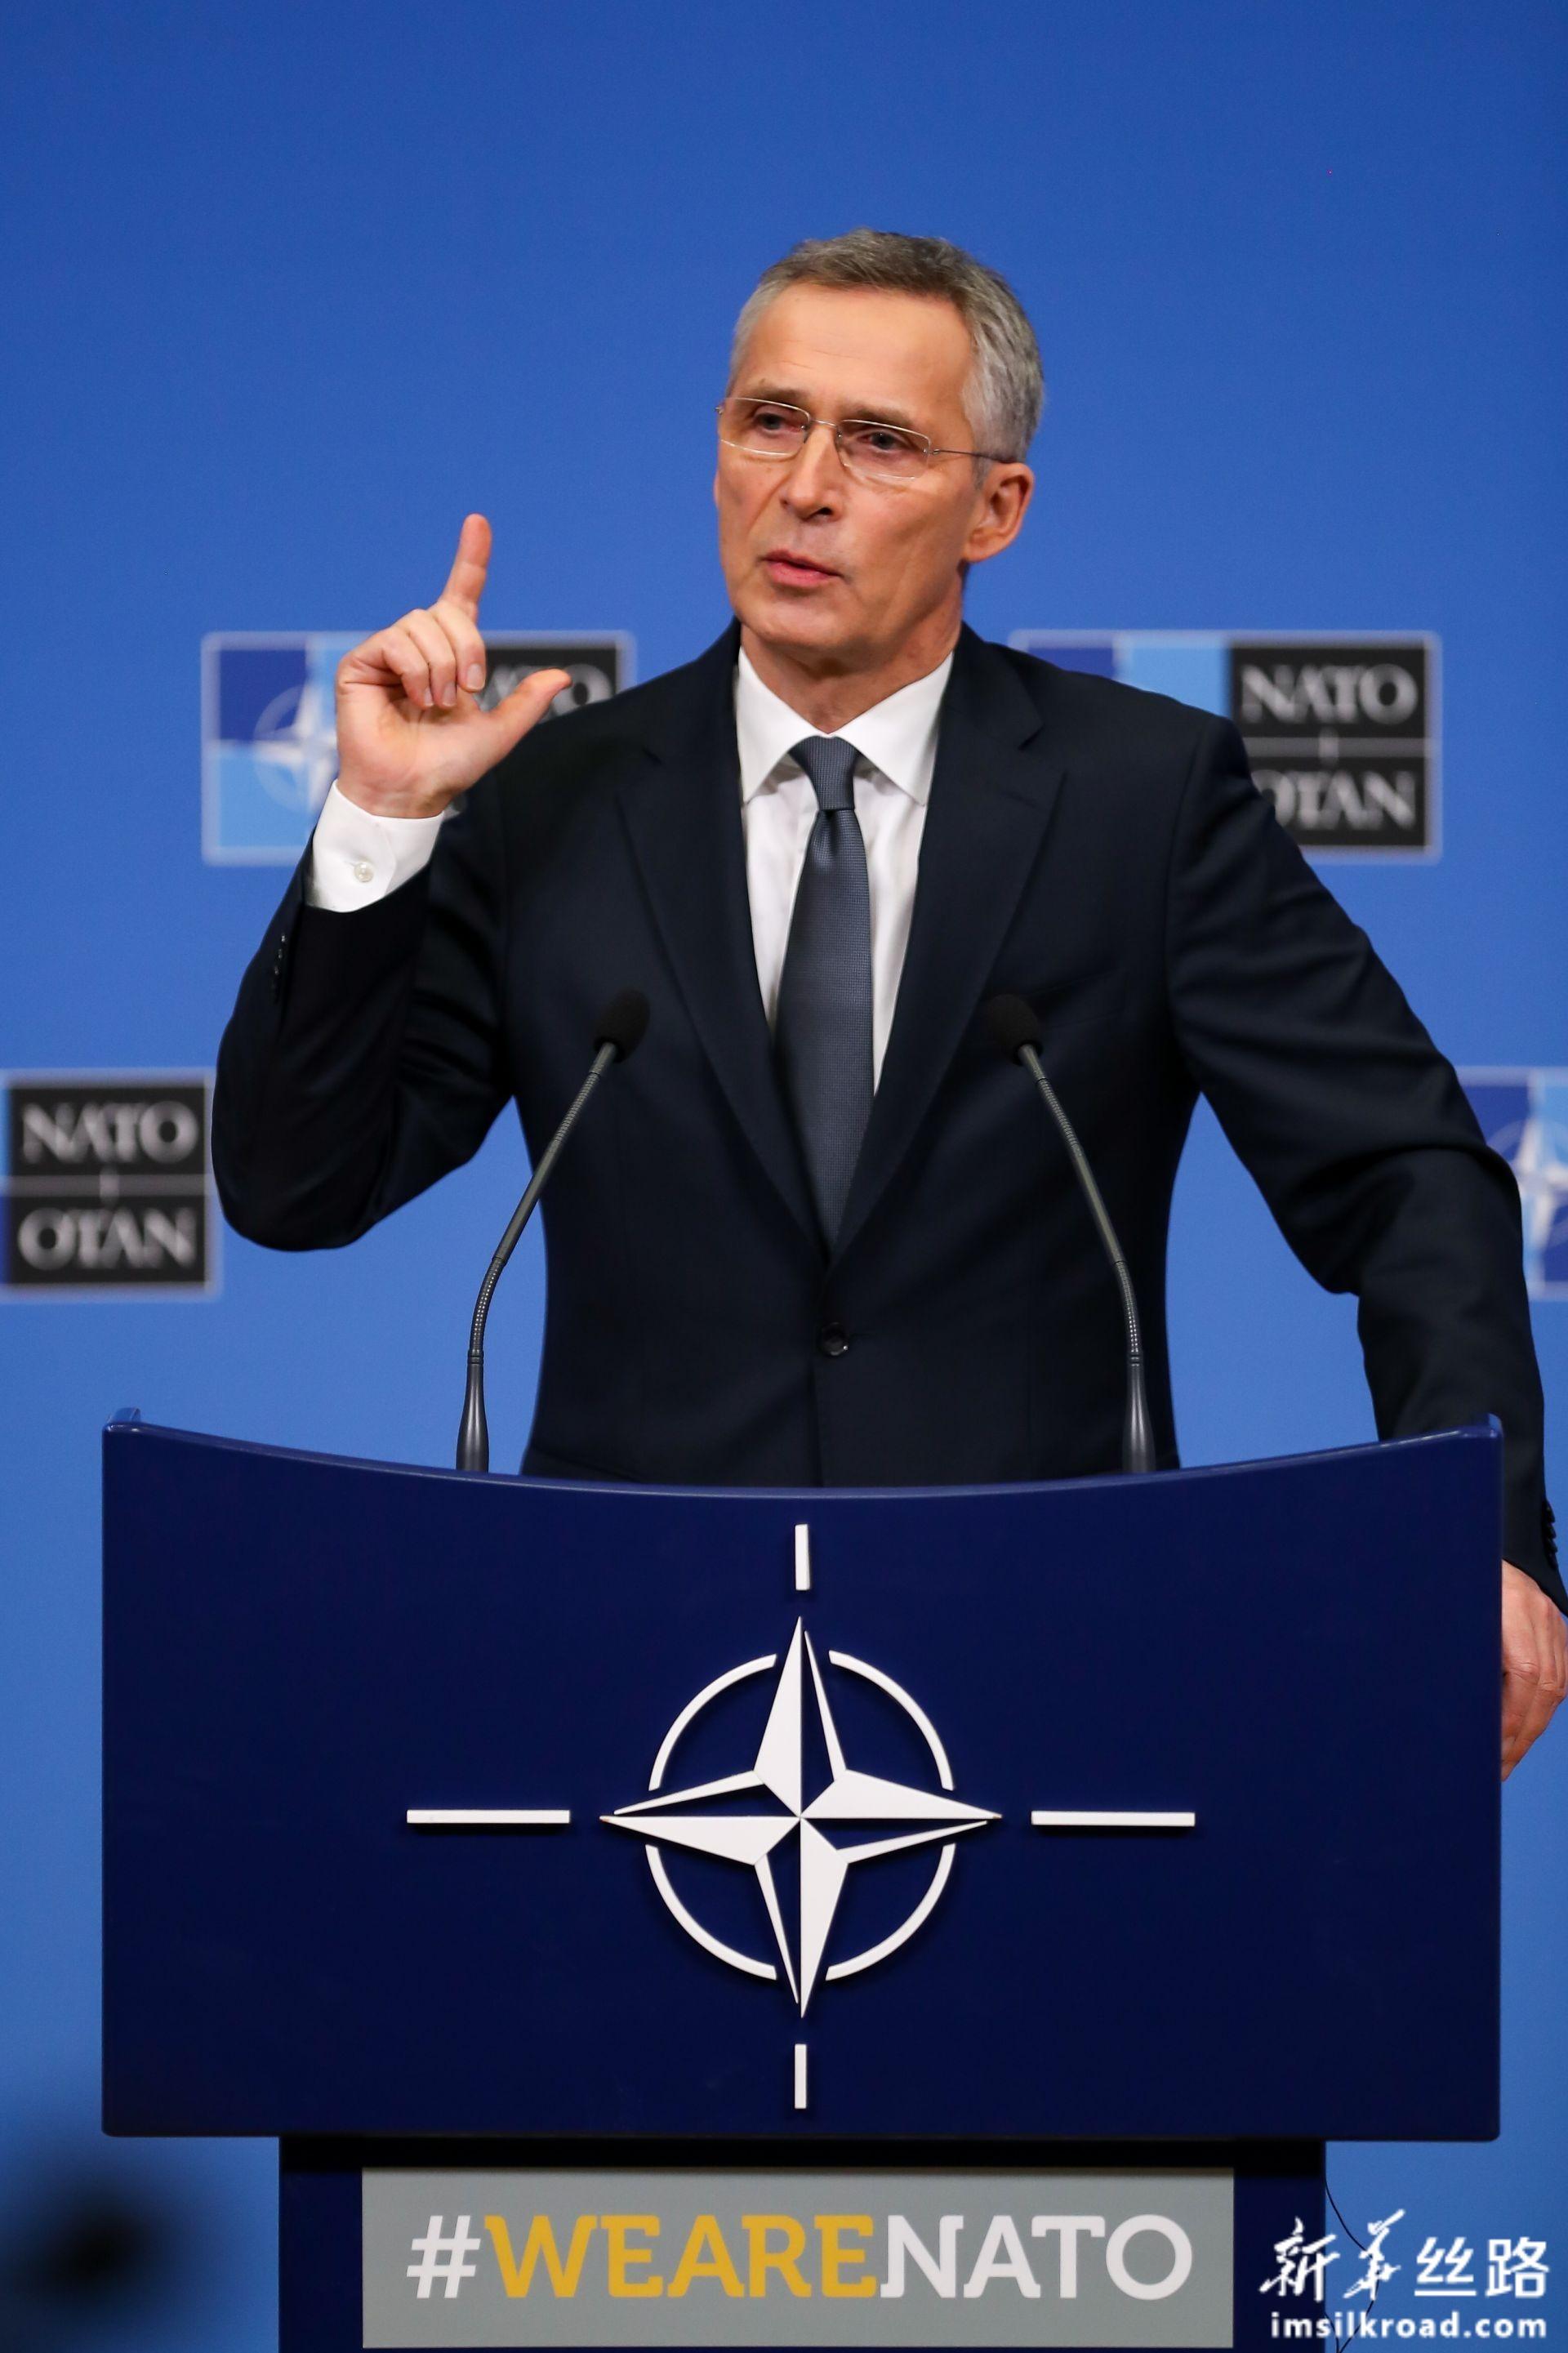 2月13日,在位于比利时布鲁塞尔的北约总部,北约秘书长斯托尔滕贝格在北约国防部长会议后出席记者会。新华社记者 张铖 摄